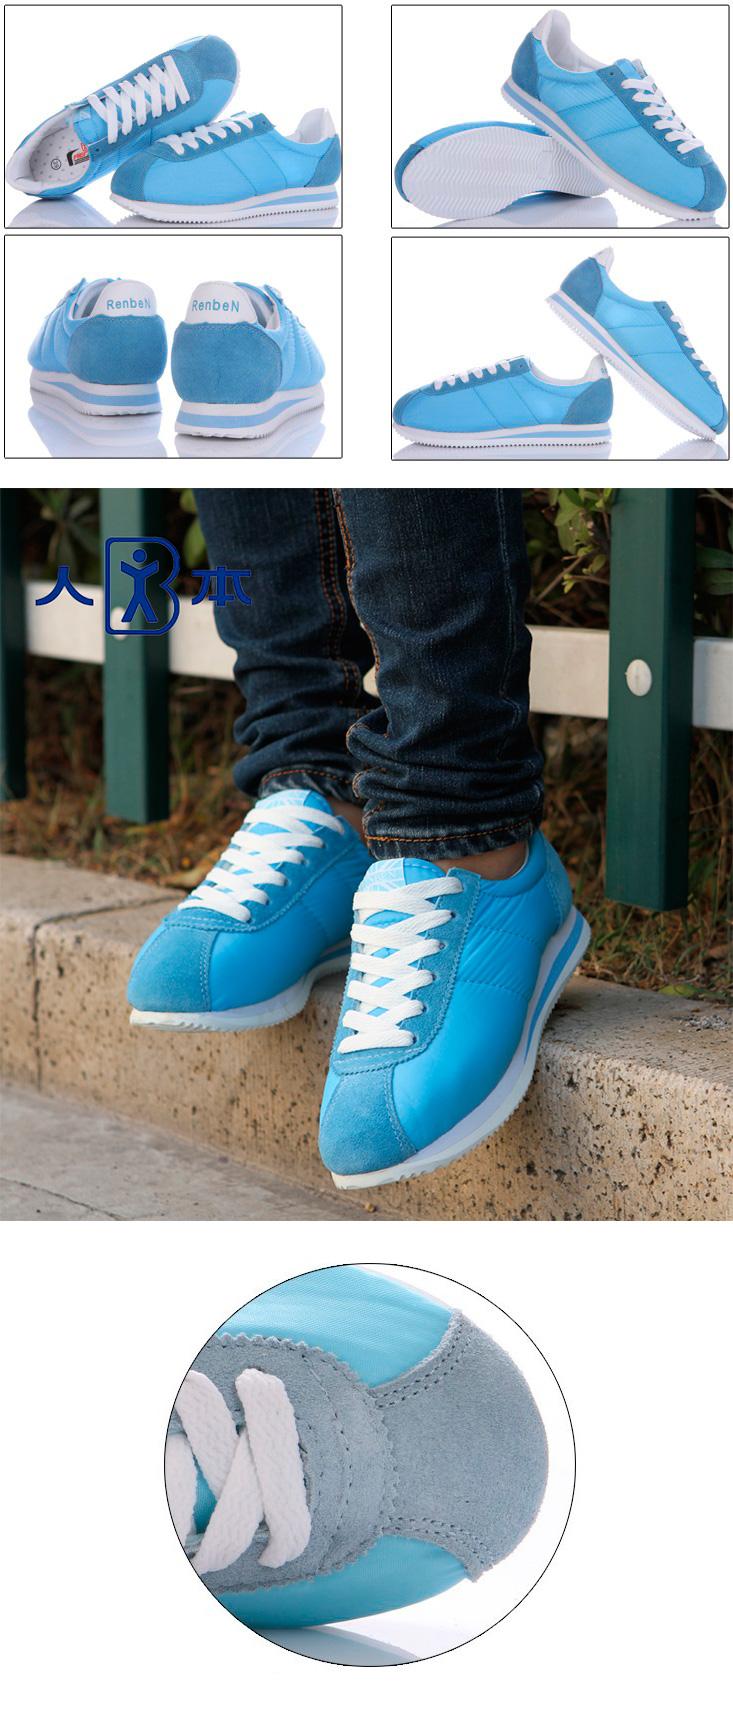 большое фото №6 Женские синие кроссовки RenBen 653-1